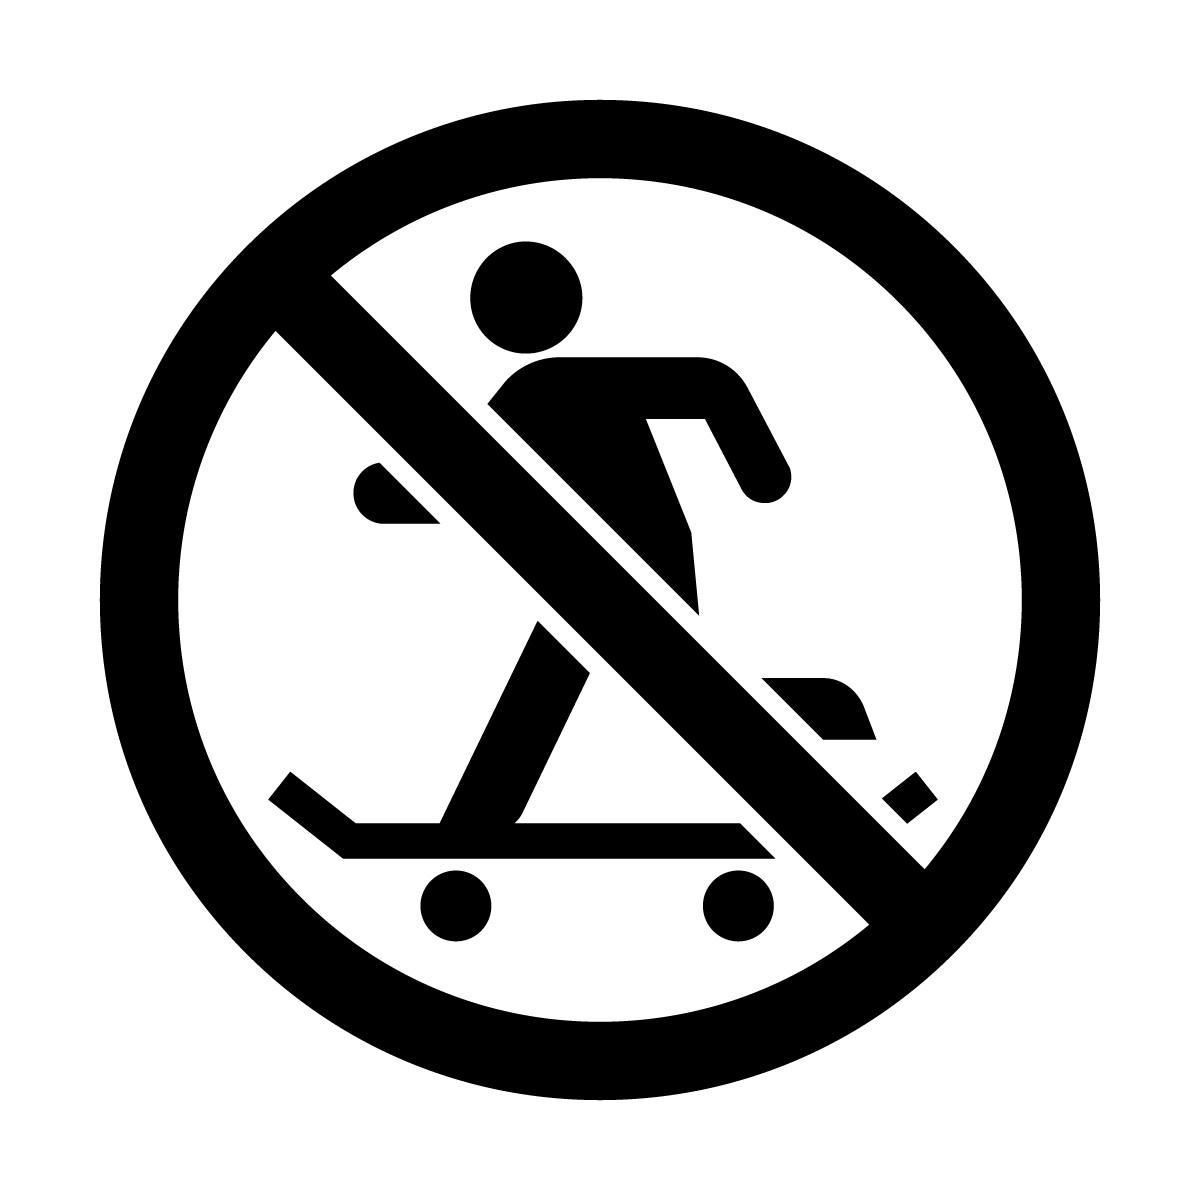 黒色のスケートボードを禁止するマークのカッティングステッカー・シール